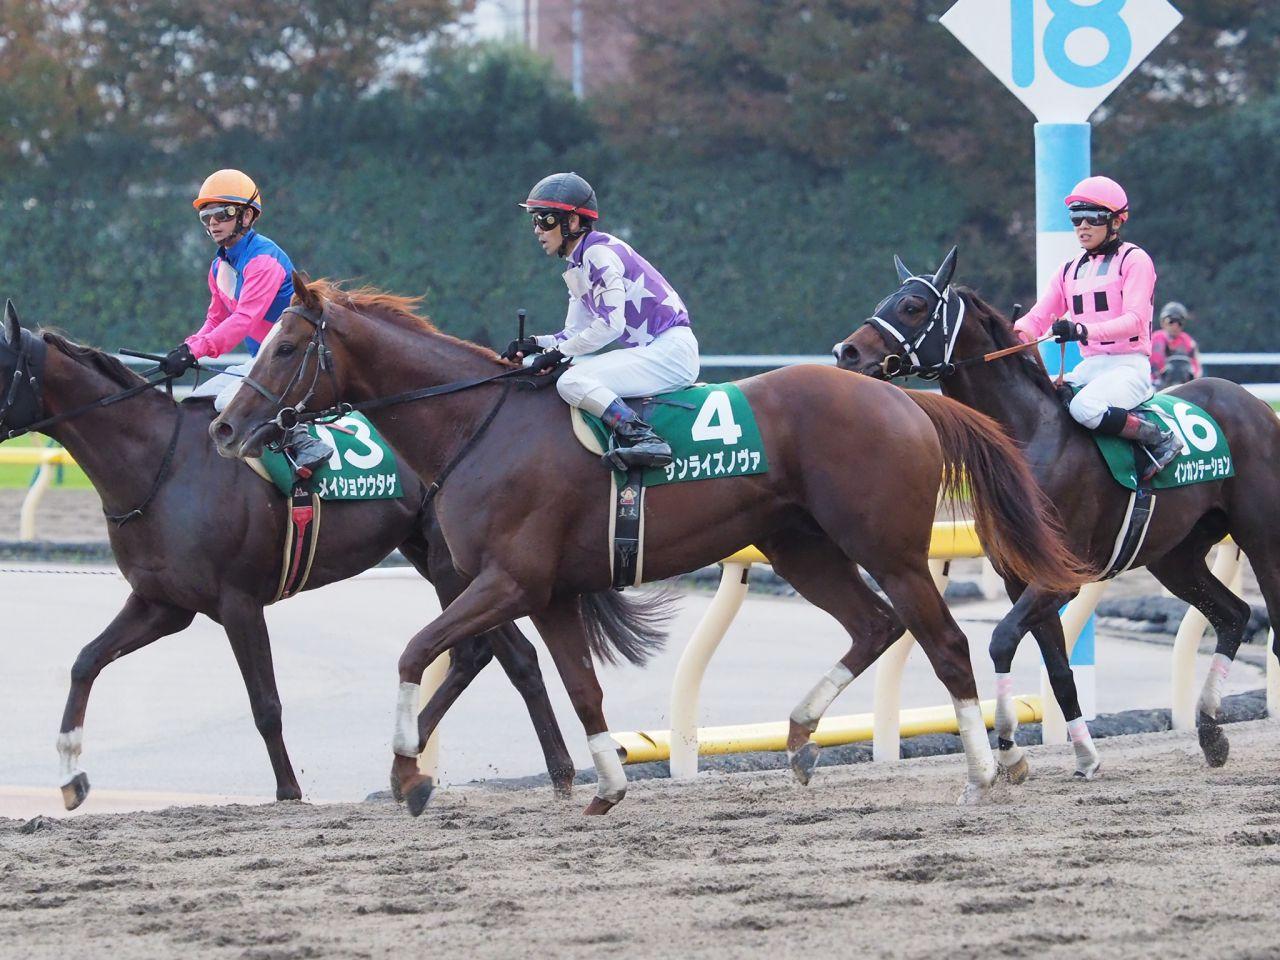 【大井記念】4歳馬モジアナフレイバーが圧勝!繁田「最高に嬉しいです」